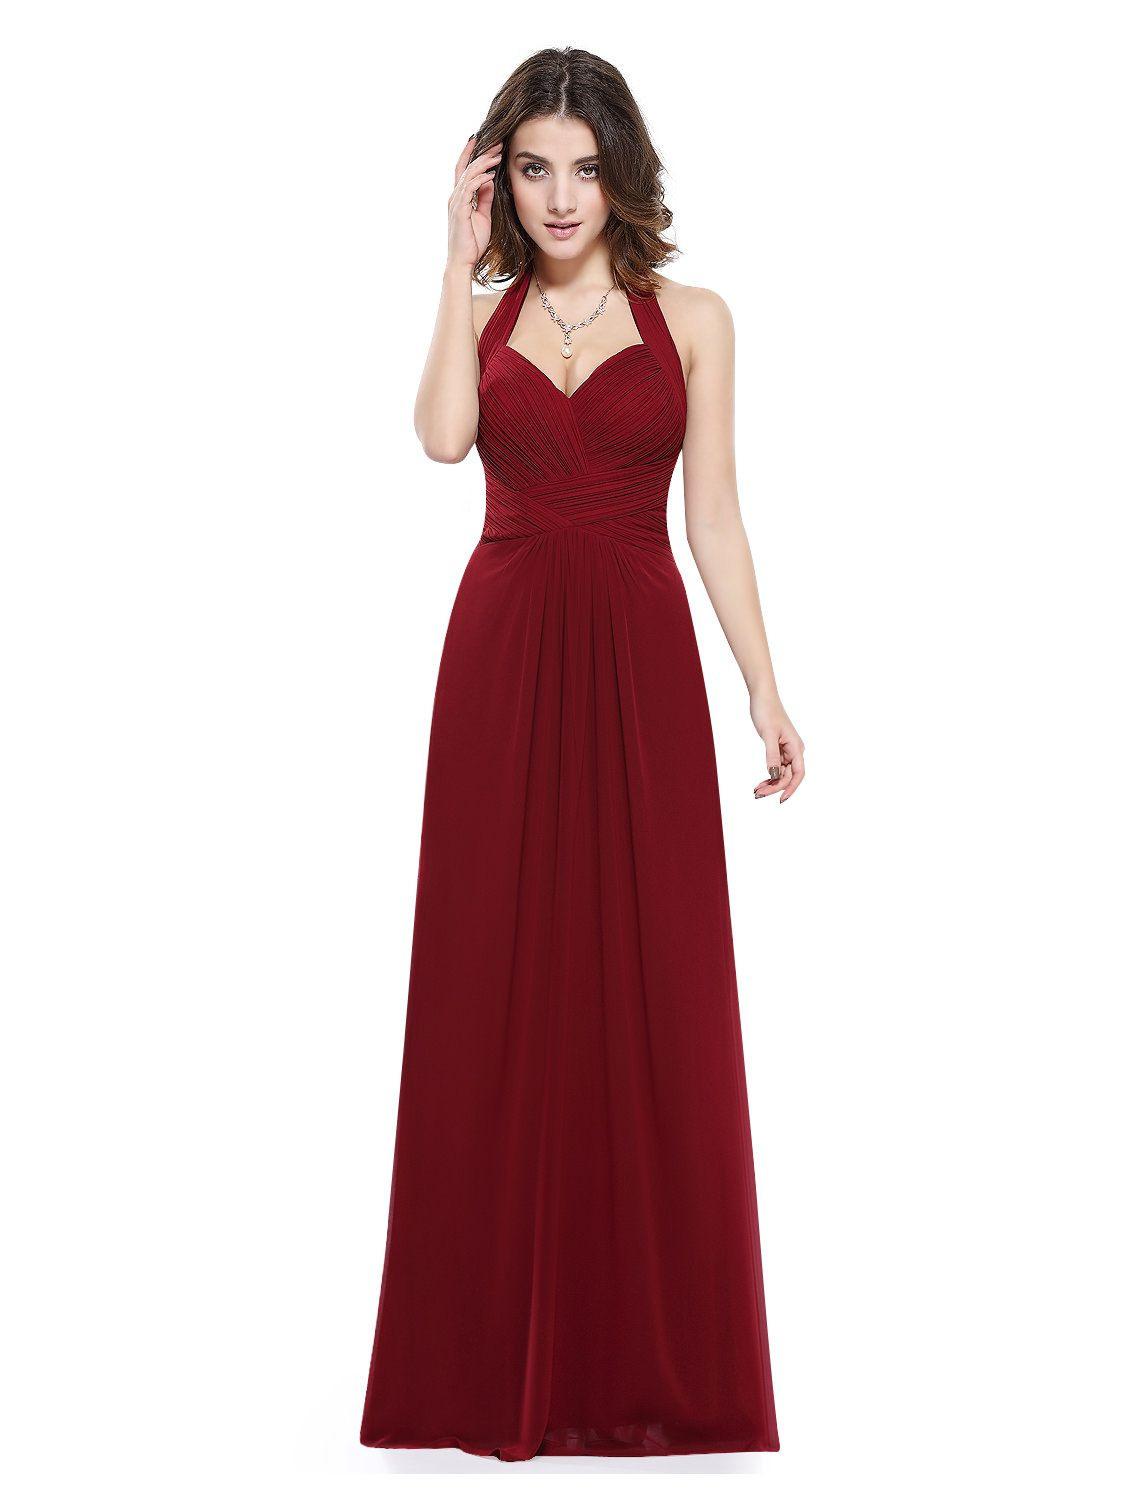 15 Perfekt Abendkleid Bordeaux Lang Design10 Schön Abendkleid Bordeaux Lang Spezialgebiet